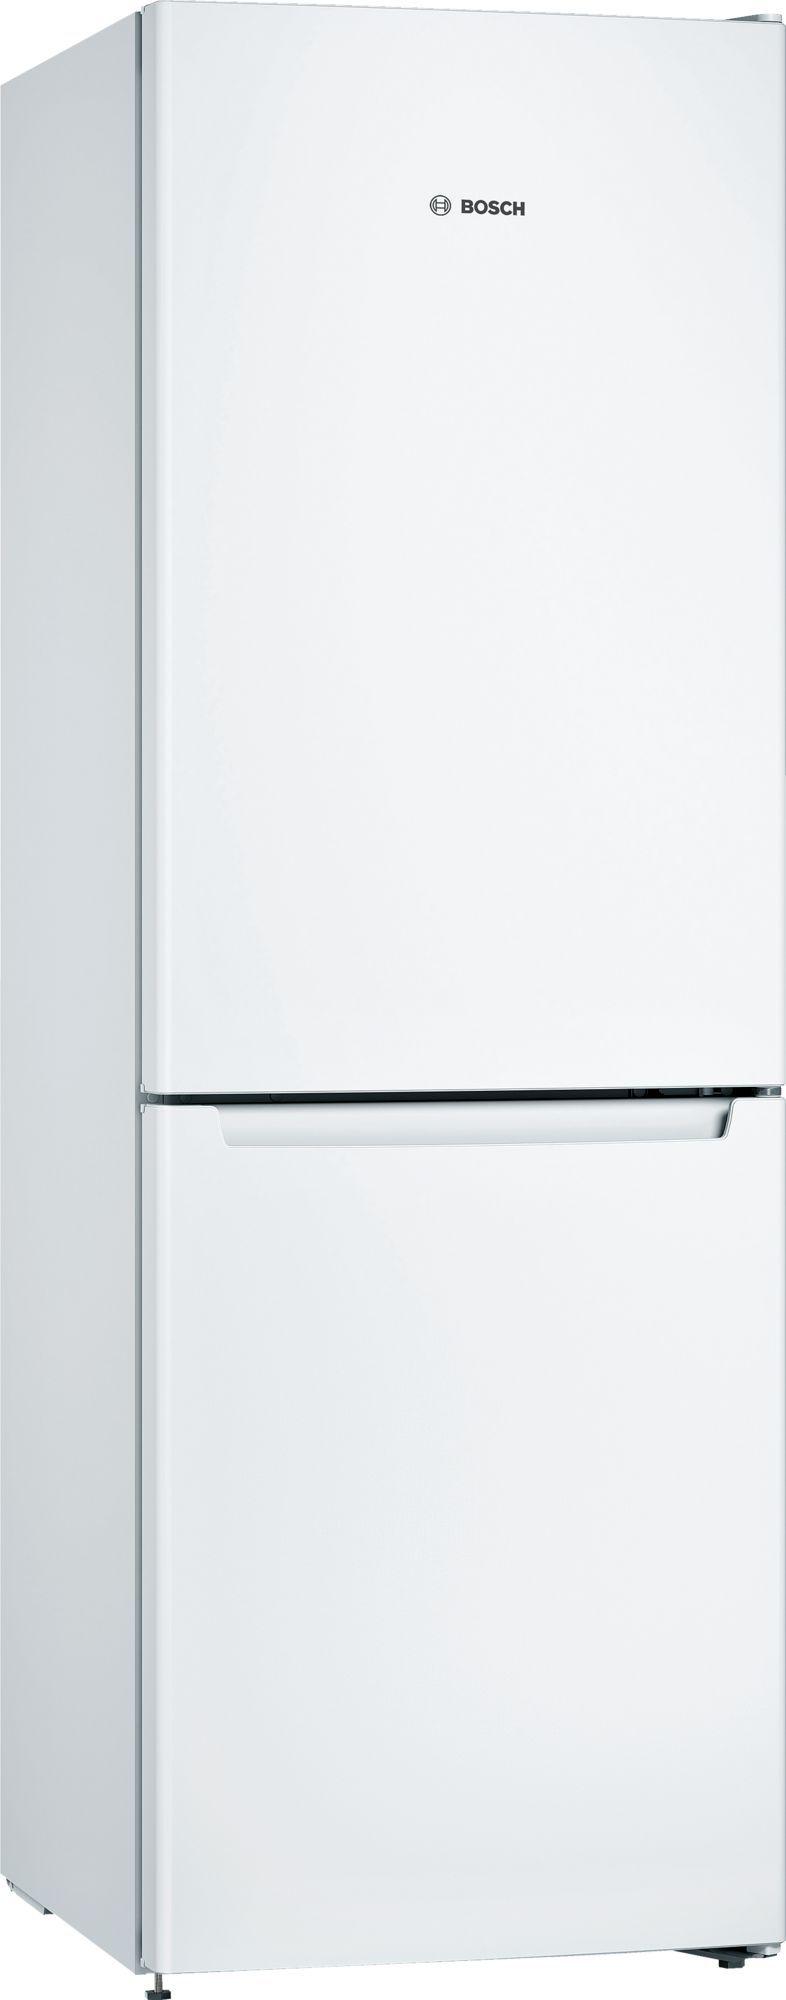 60cm Wide - Frost Free 176x60 F/freezer